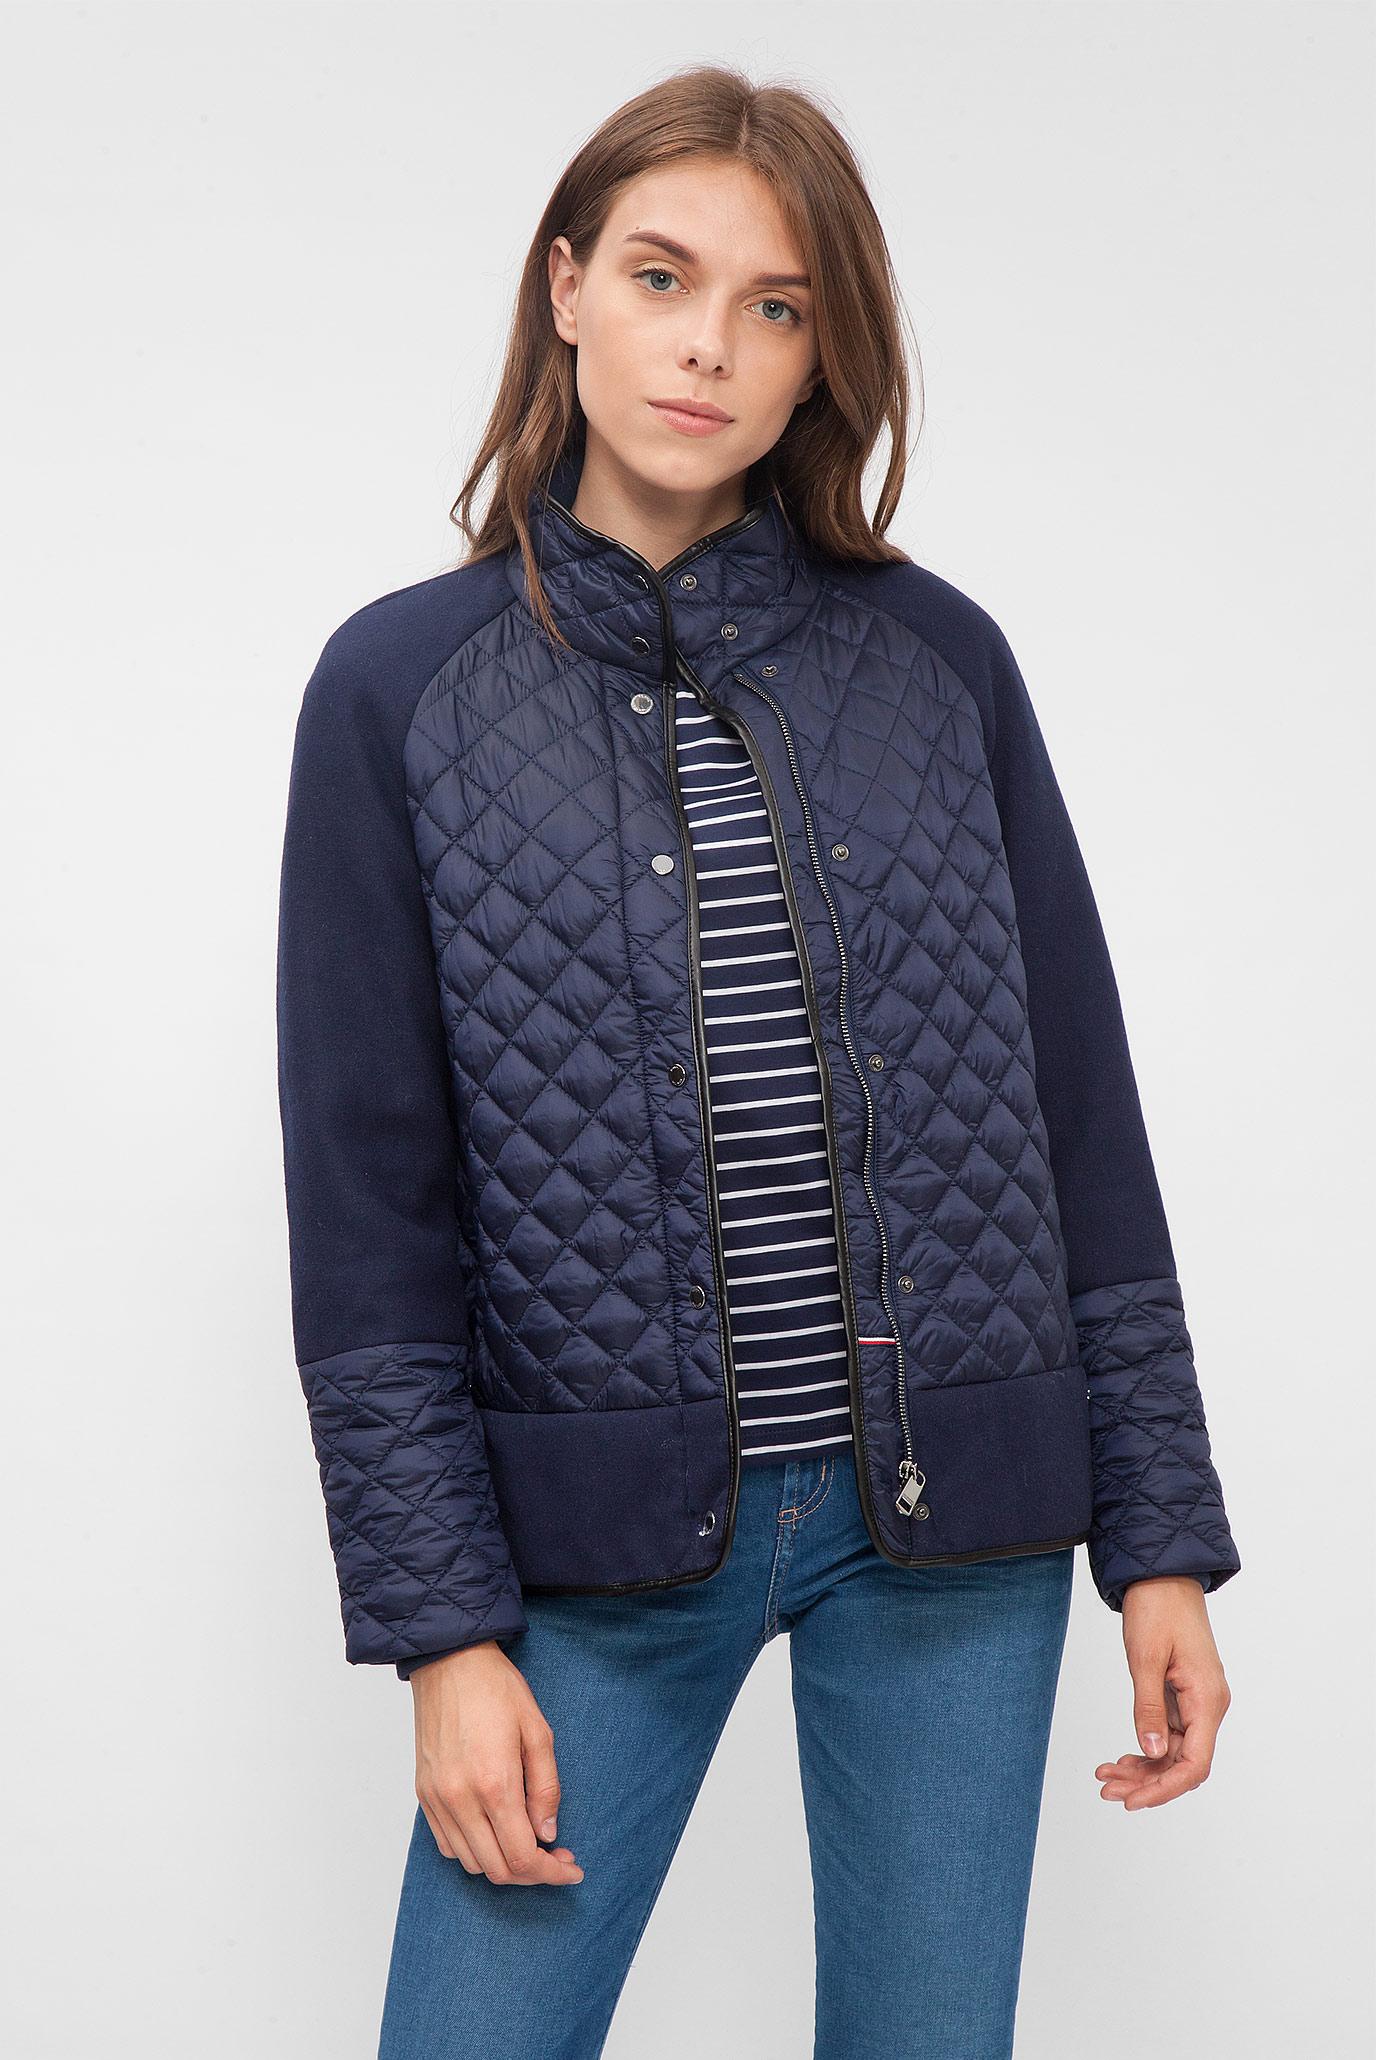 Купить Женская темно-синяя стеганая куртка Tommy Hilfiger Tommy Hilfiger  WW0WW18867 – Киев 6a77b6579021a